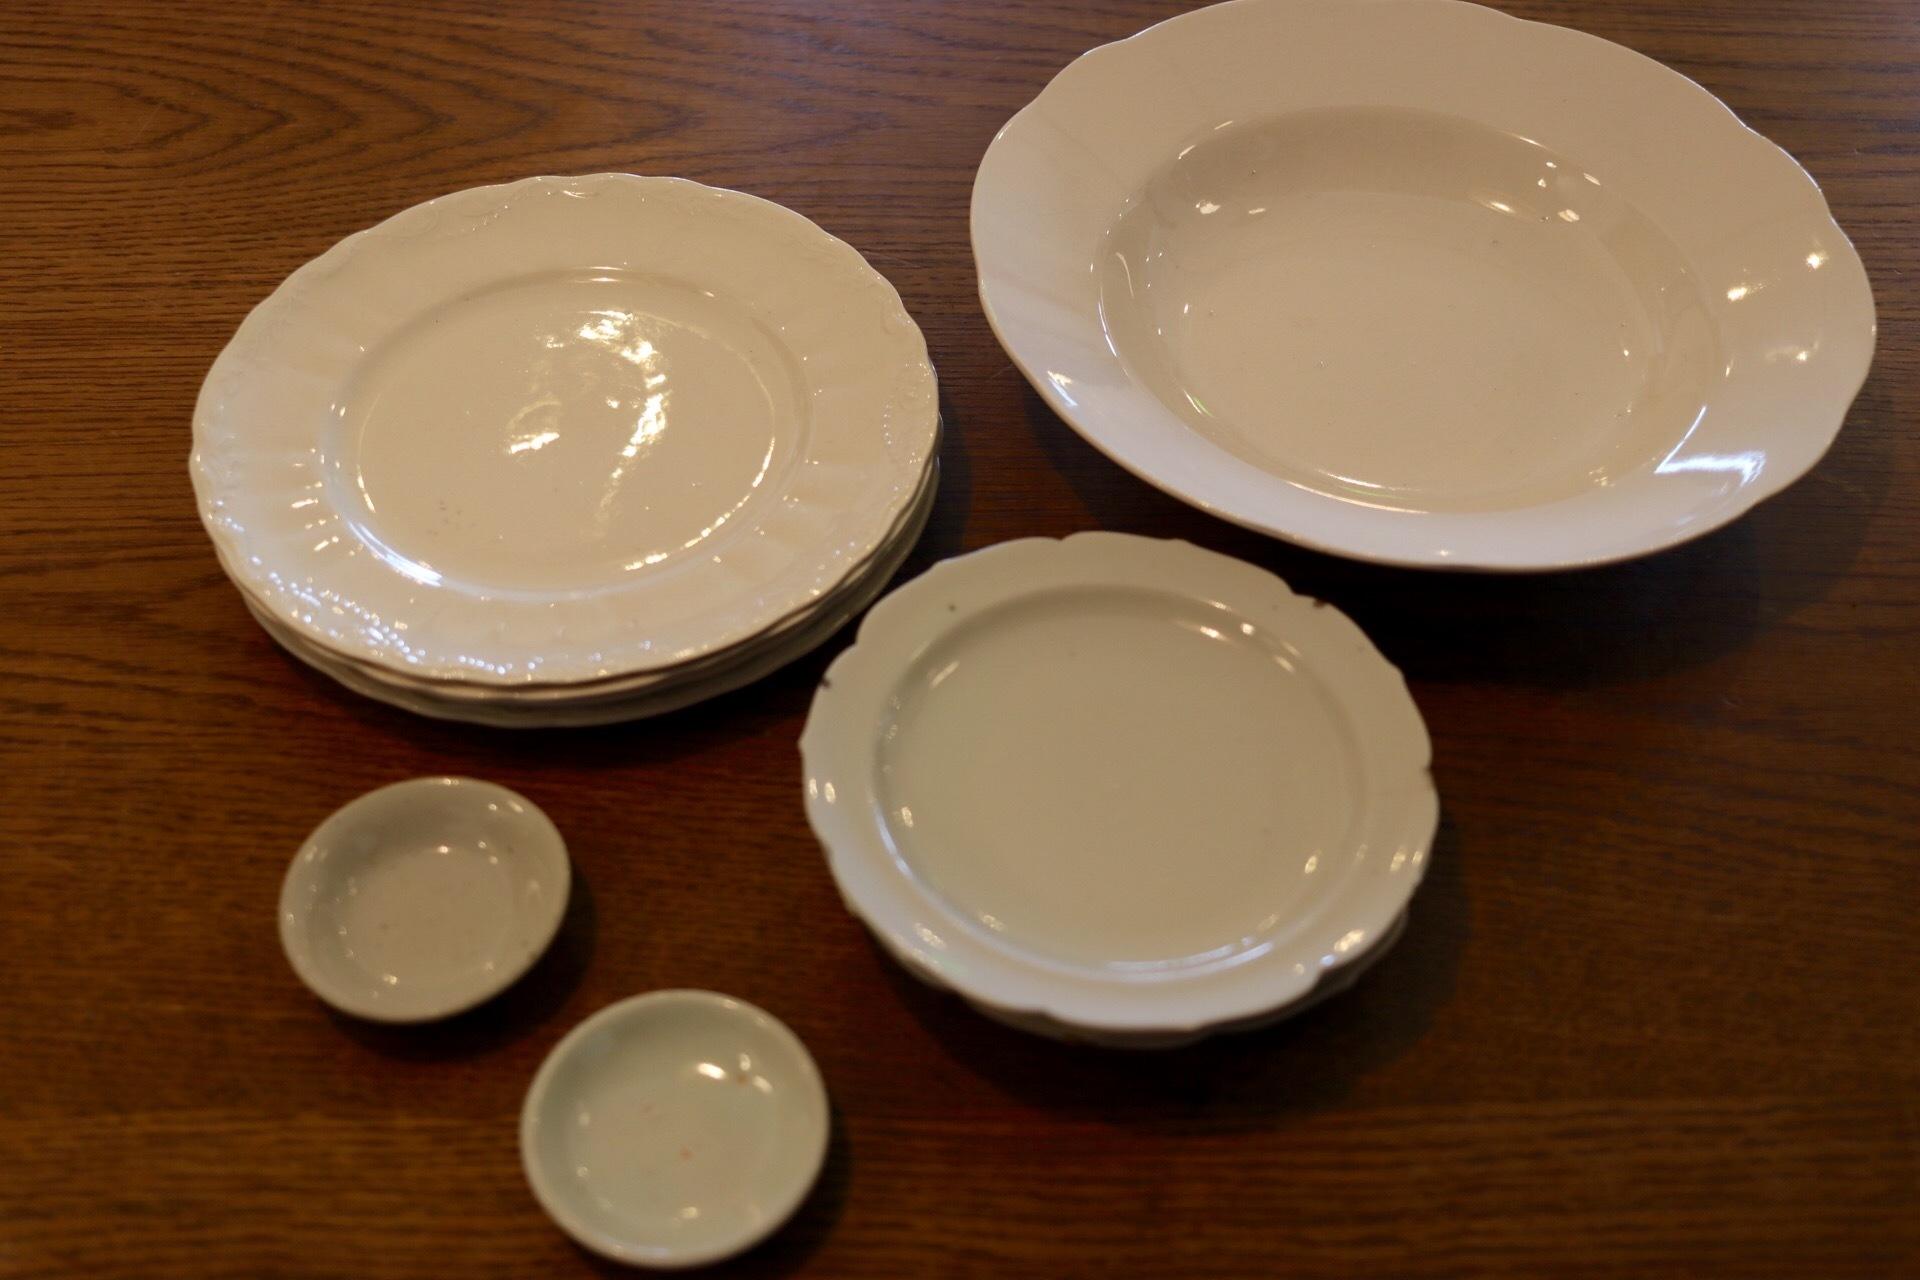 徳島県の土蔵整理、古民家古道具骨董買取はコユメヤにお任せください。_d0172694_16584540.jpg